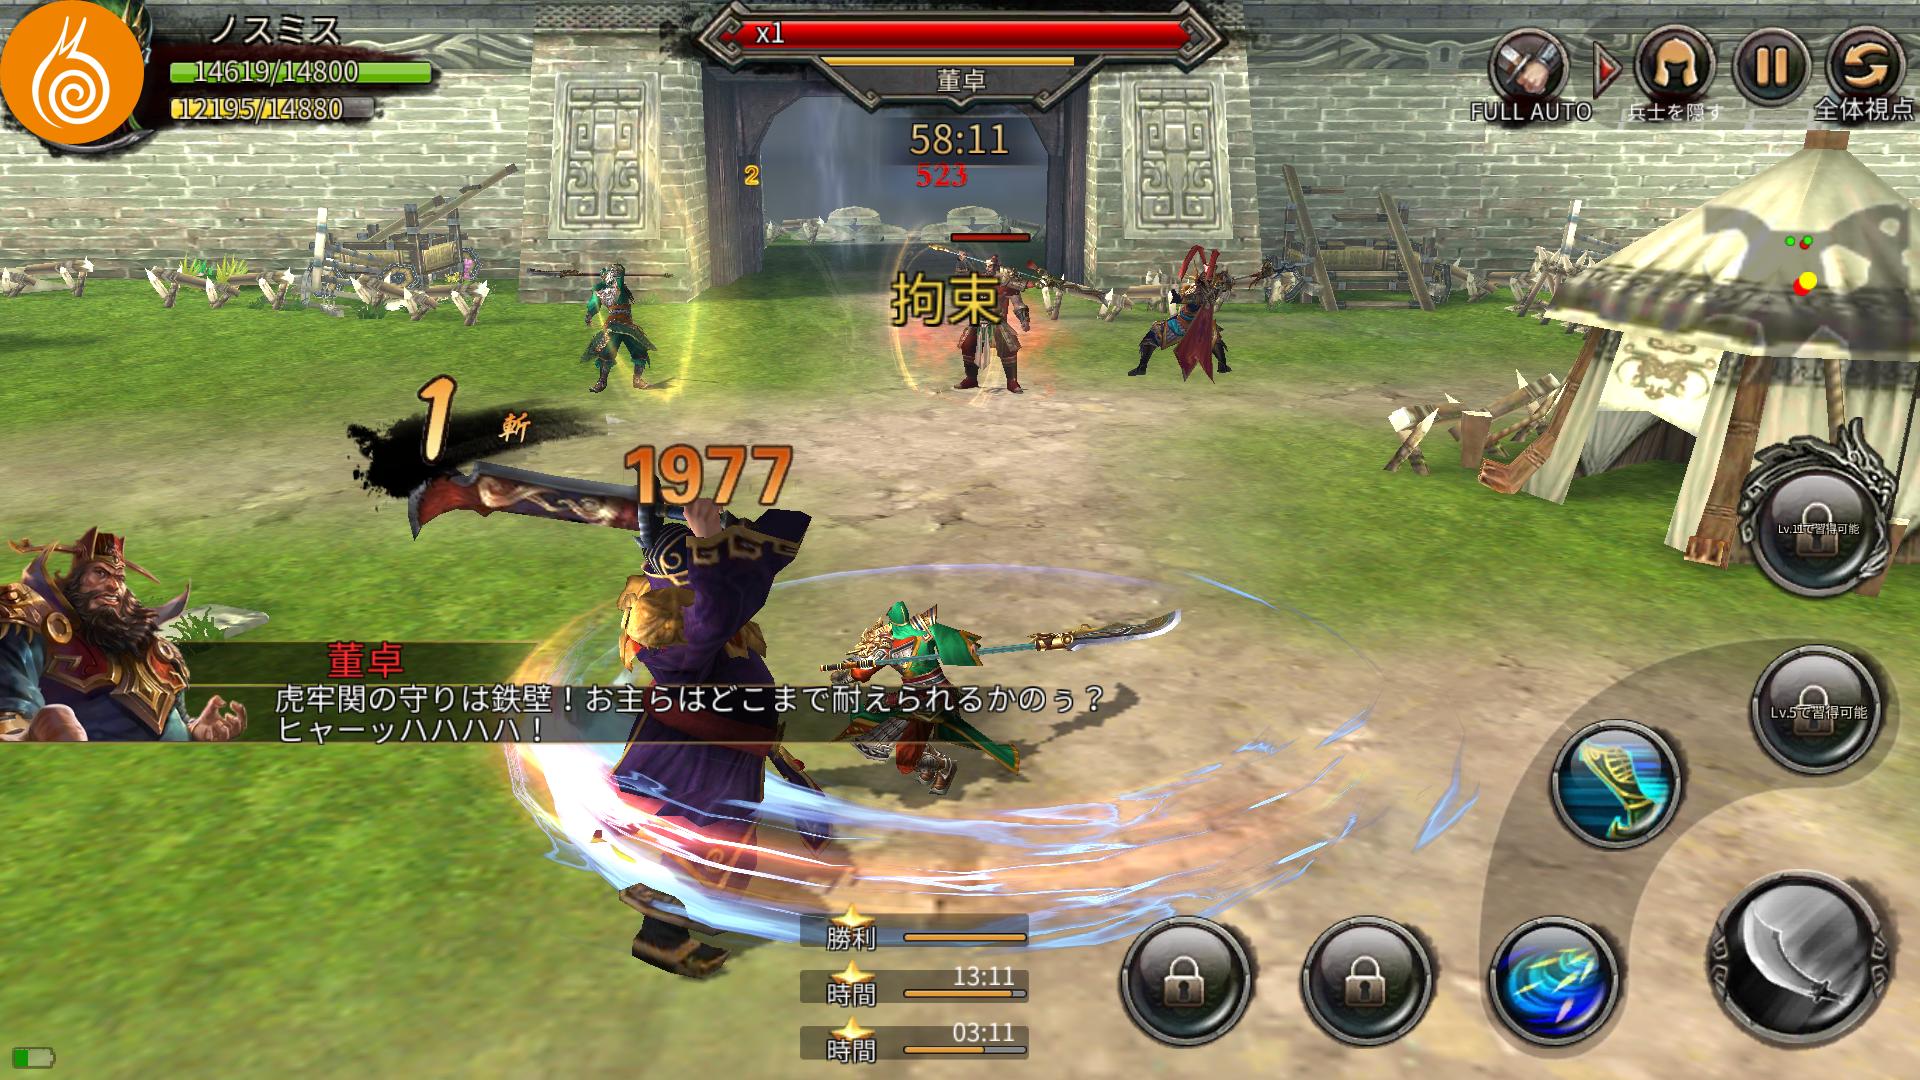 戦乱アルカディア androidアプリスクリーンショット2